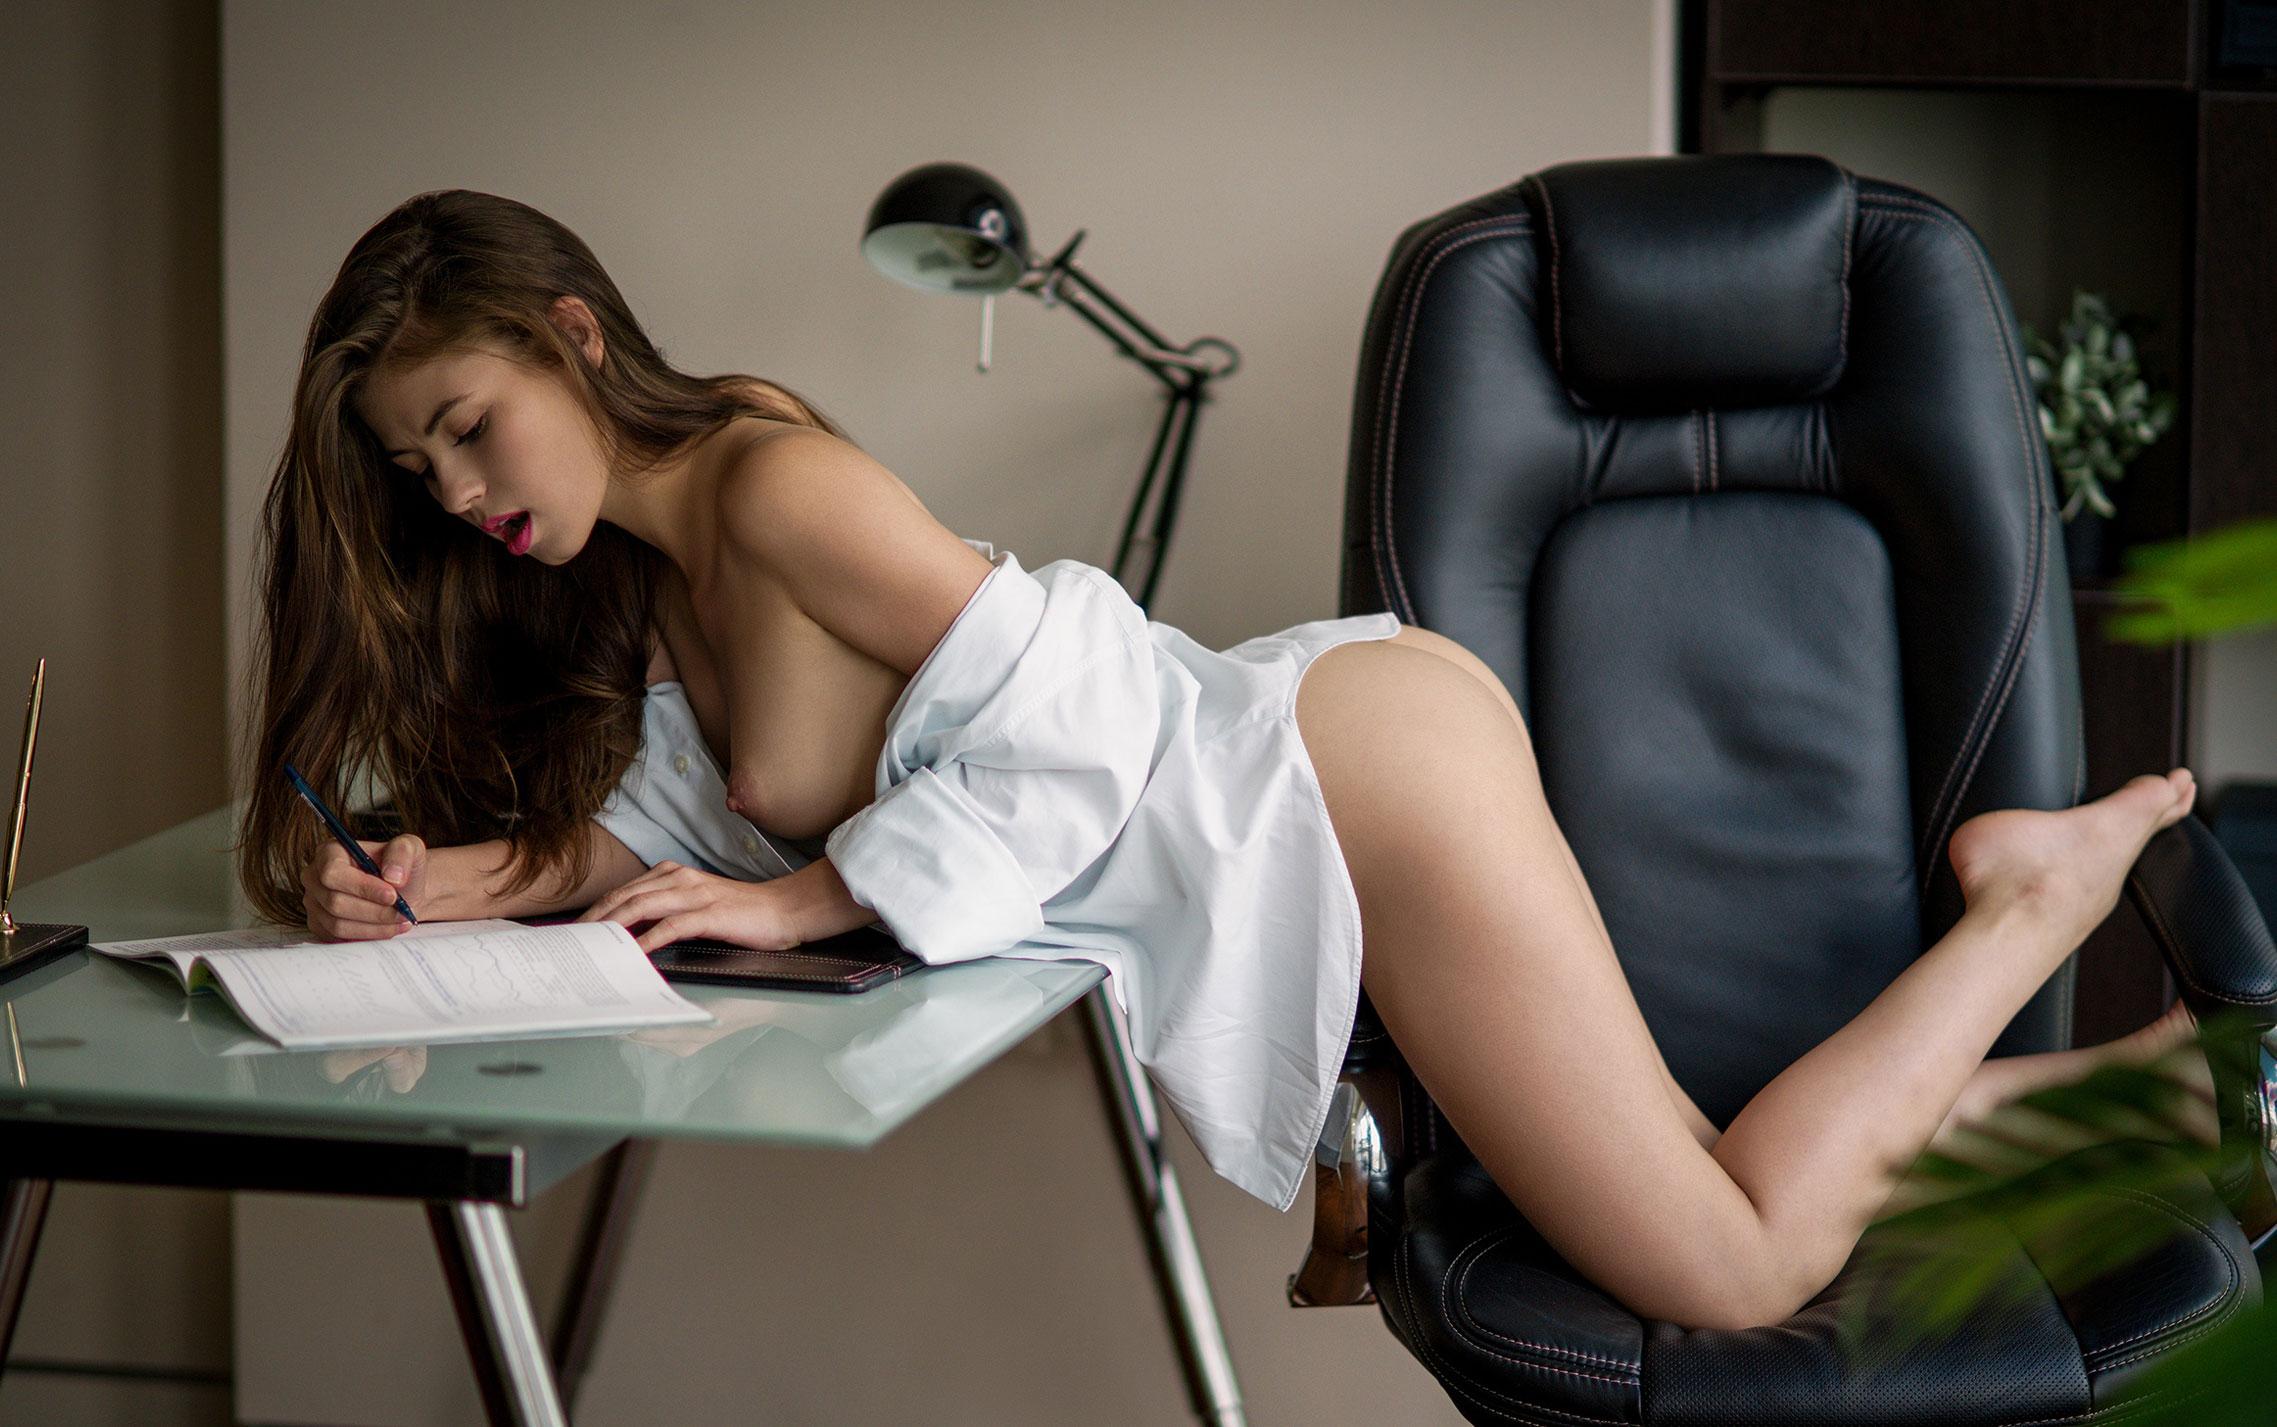 сексуальная Виктория Алико в роли секретарши мечты / фото 09